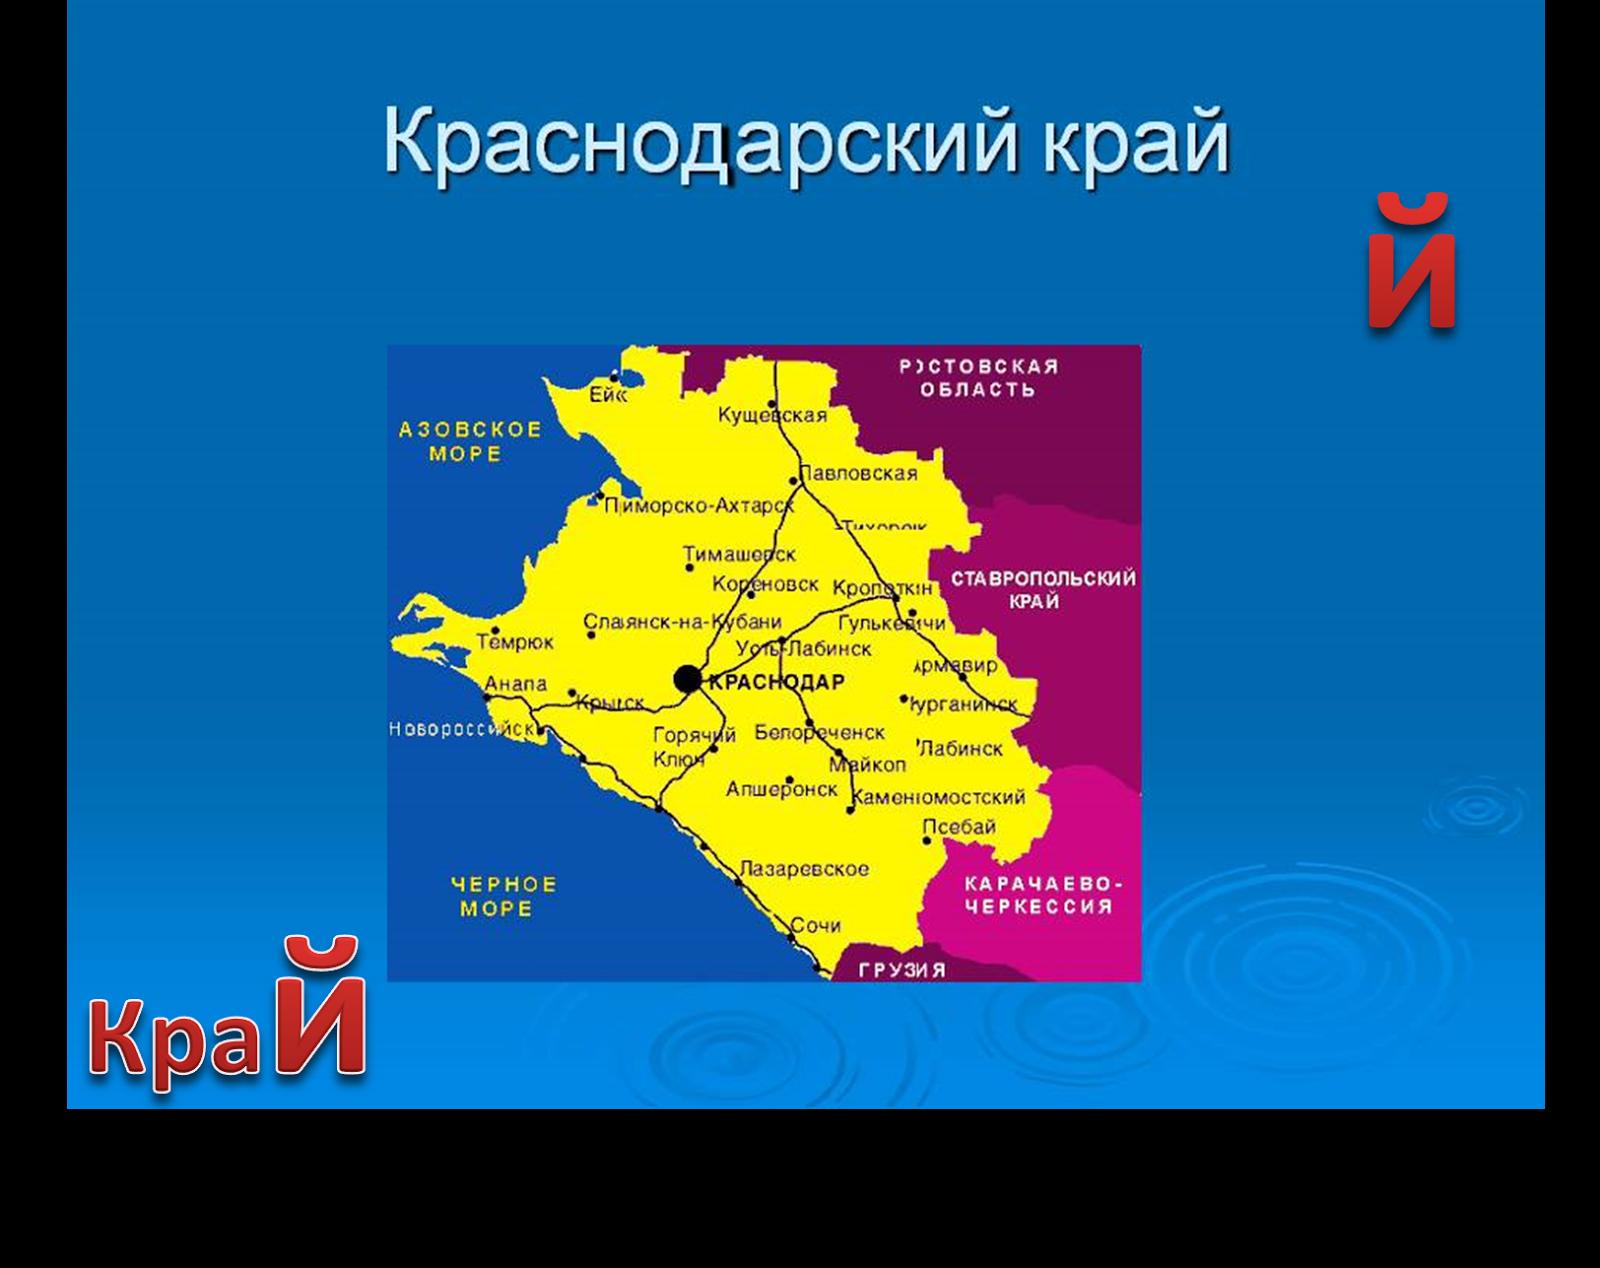 Краеведение знакомство с климатическими условиями краснодарского края